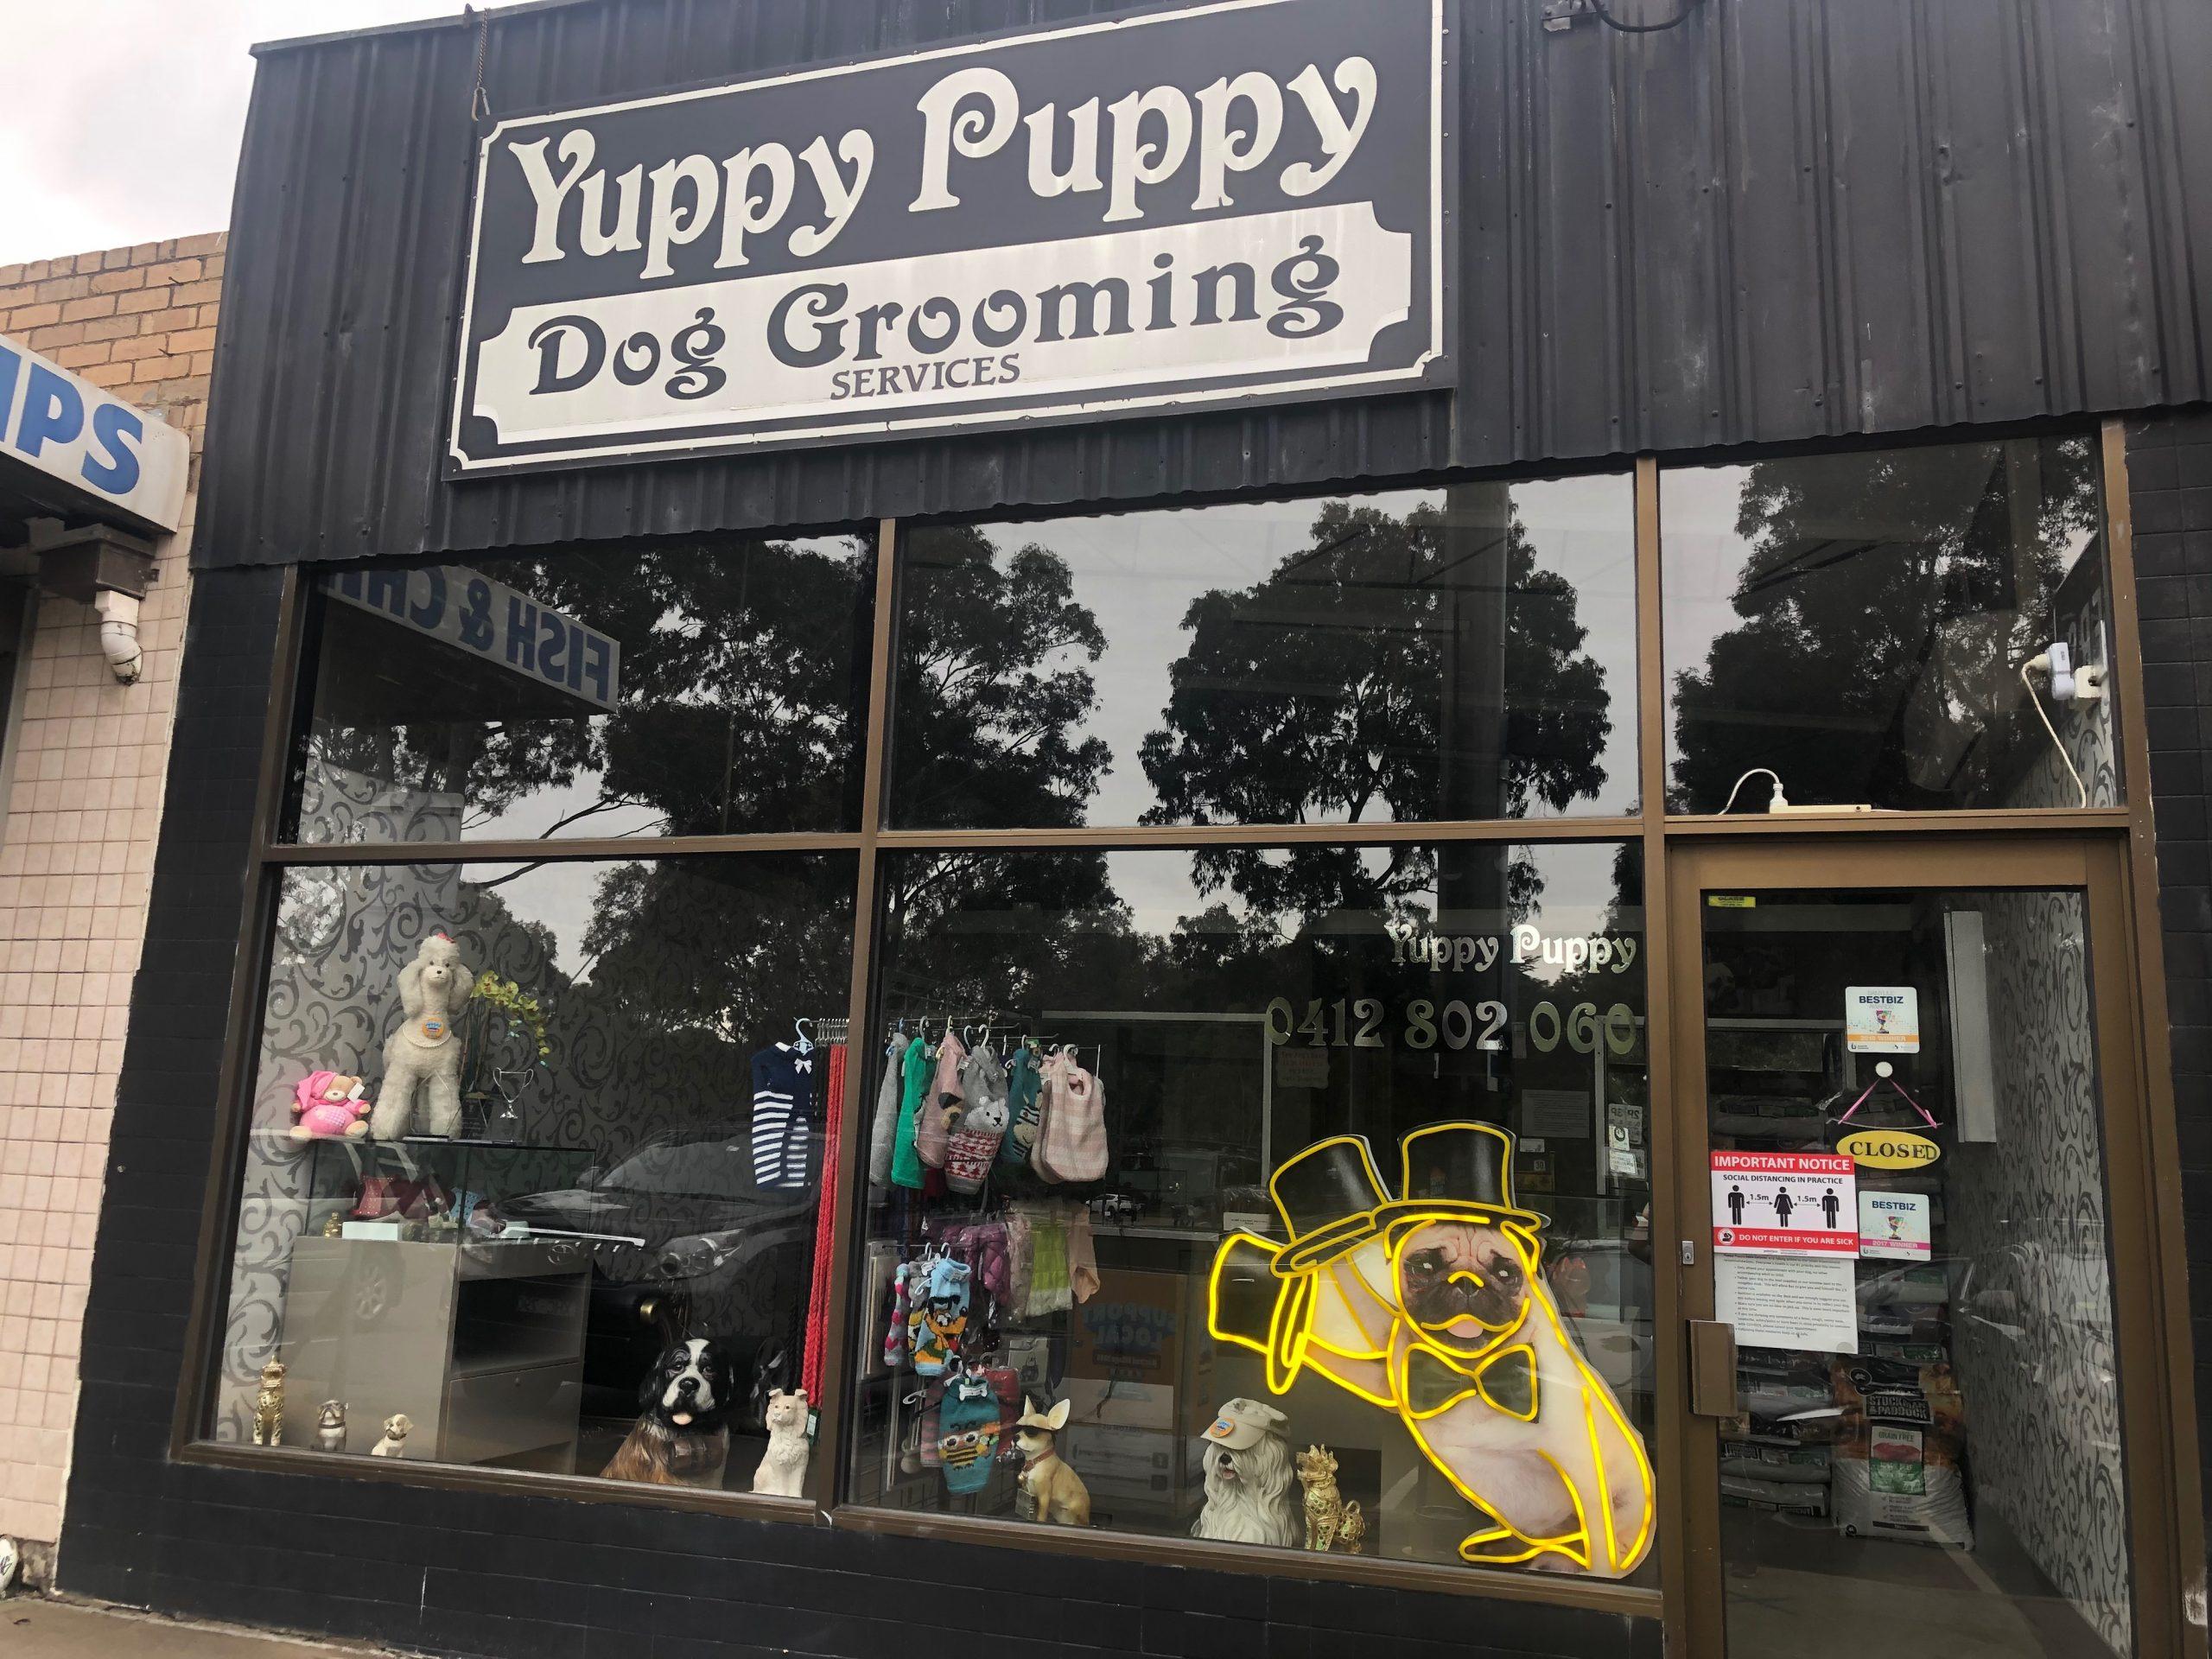 Yuppy Puppy Dog Grooming